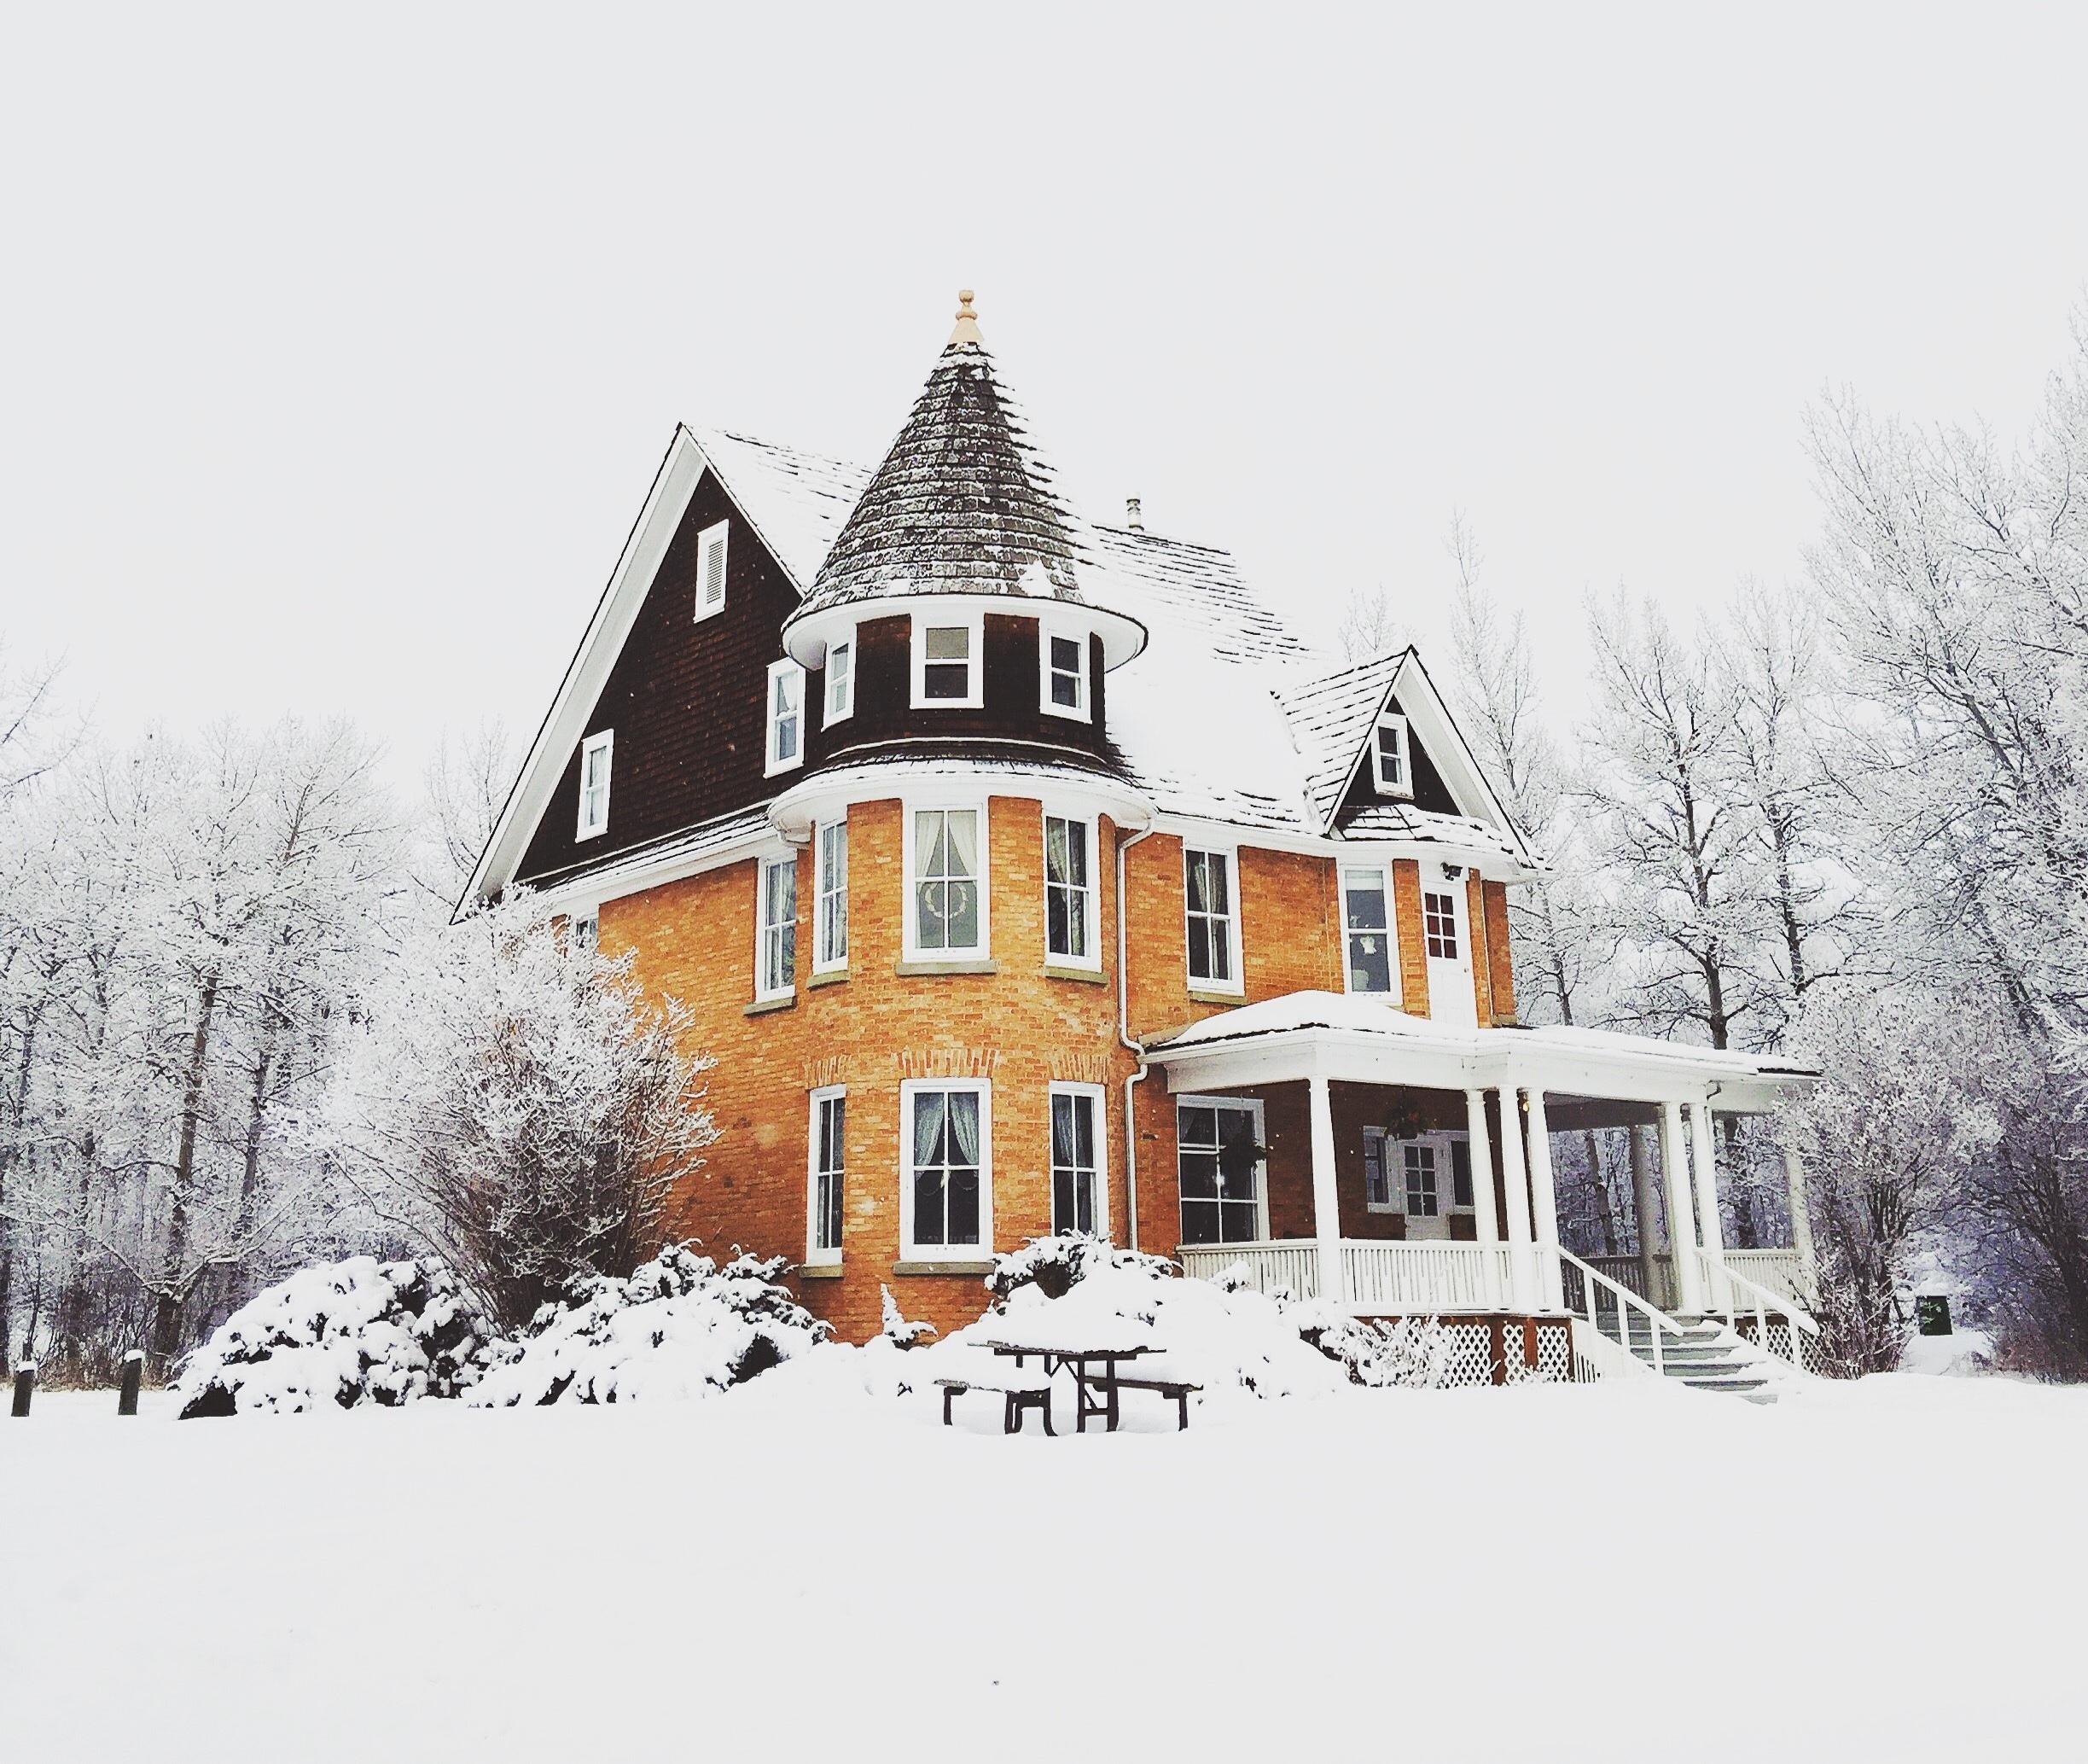 Snowy+House.jpg